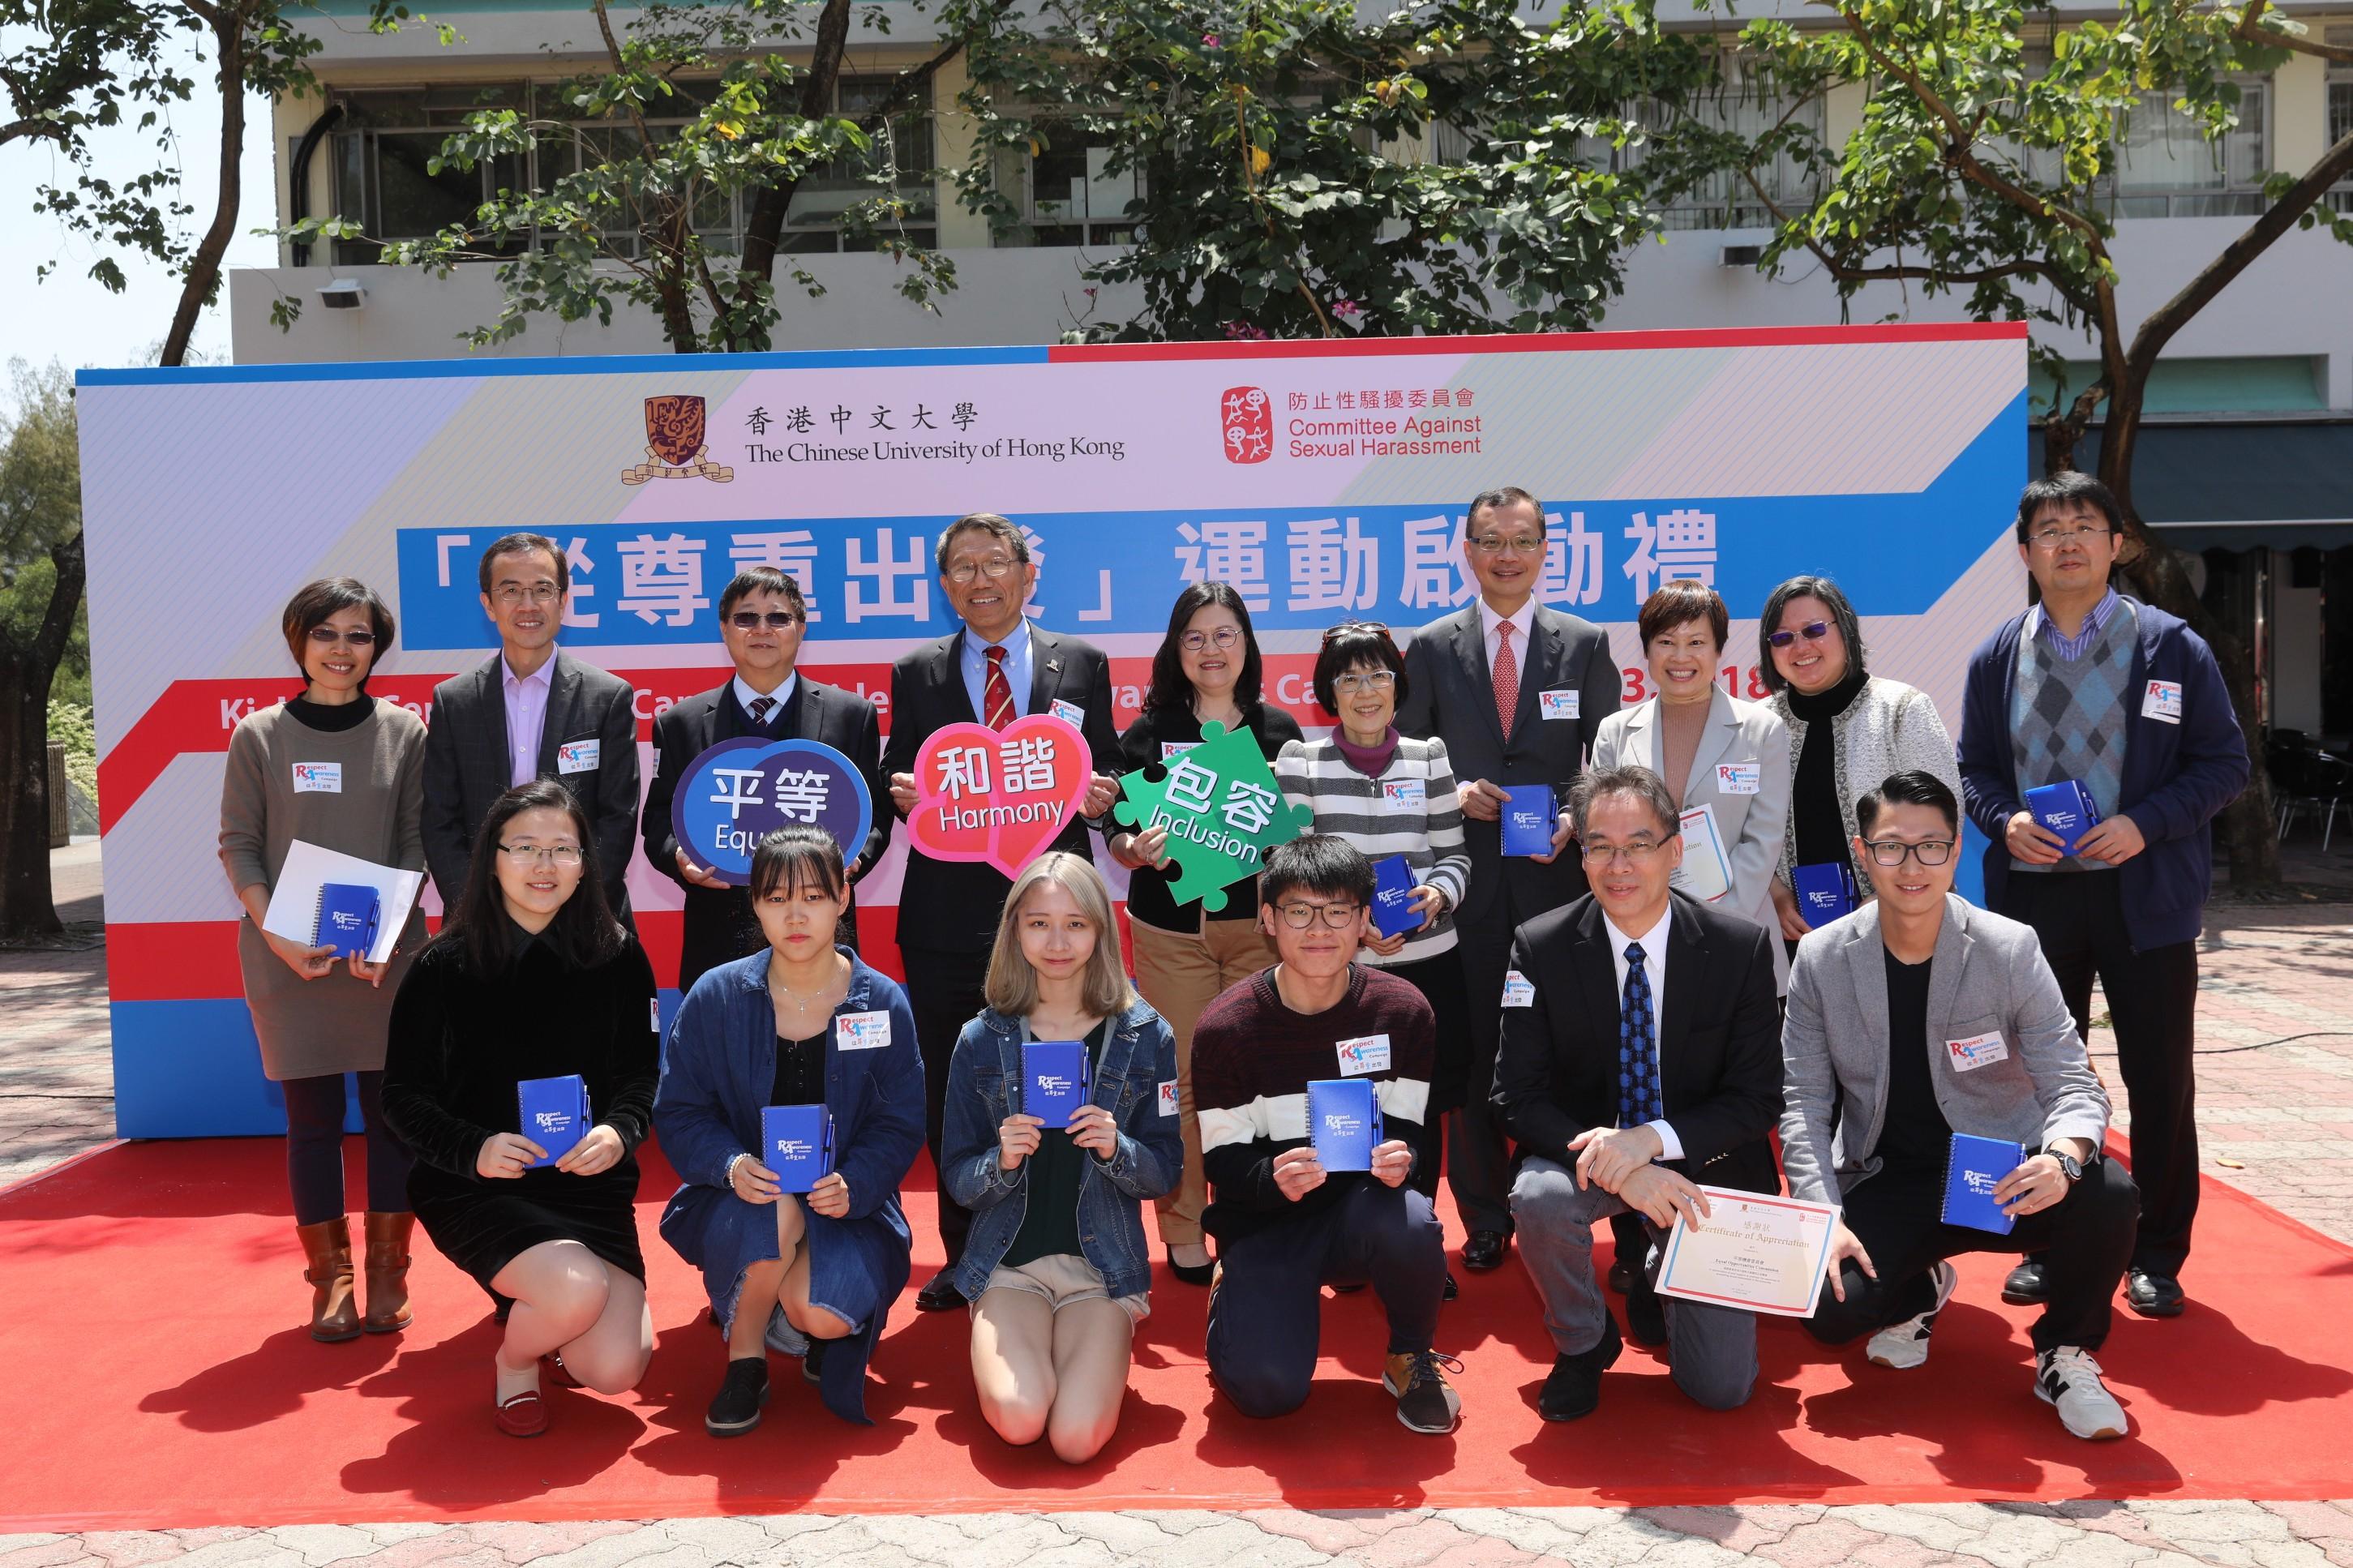 一众出席嘉宾、学生代表及支持团体代表于启动礼后大合照。